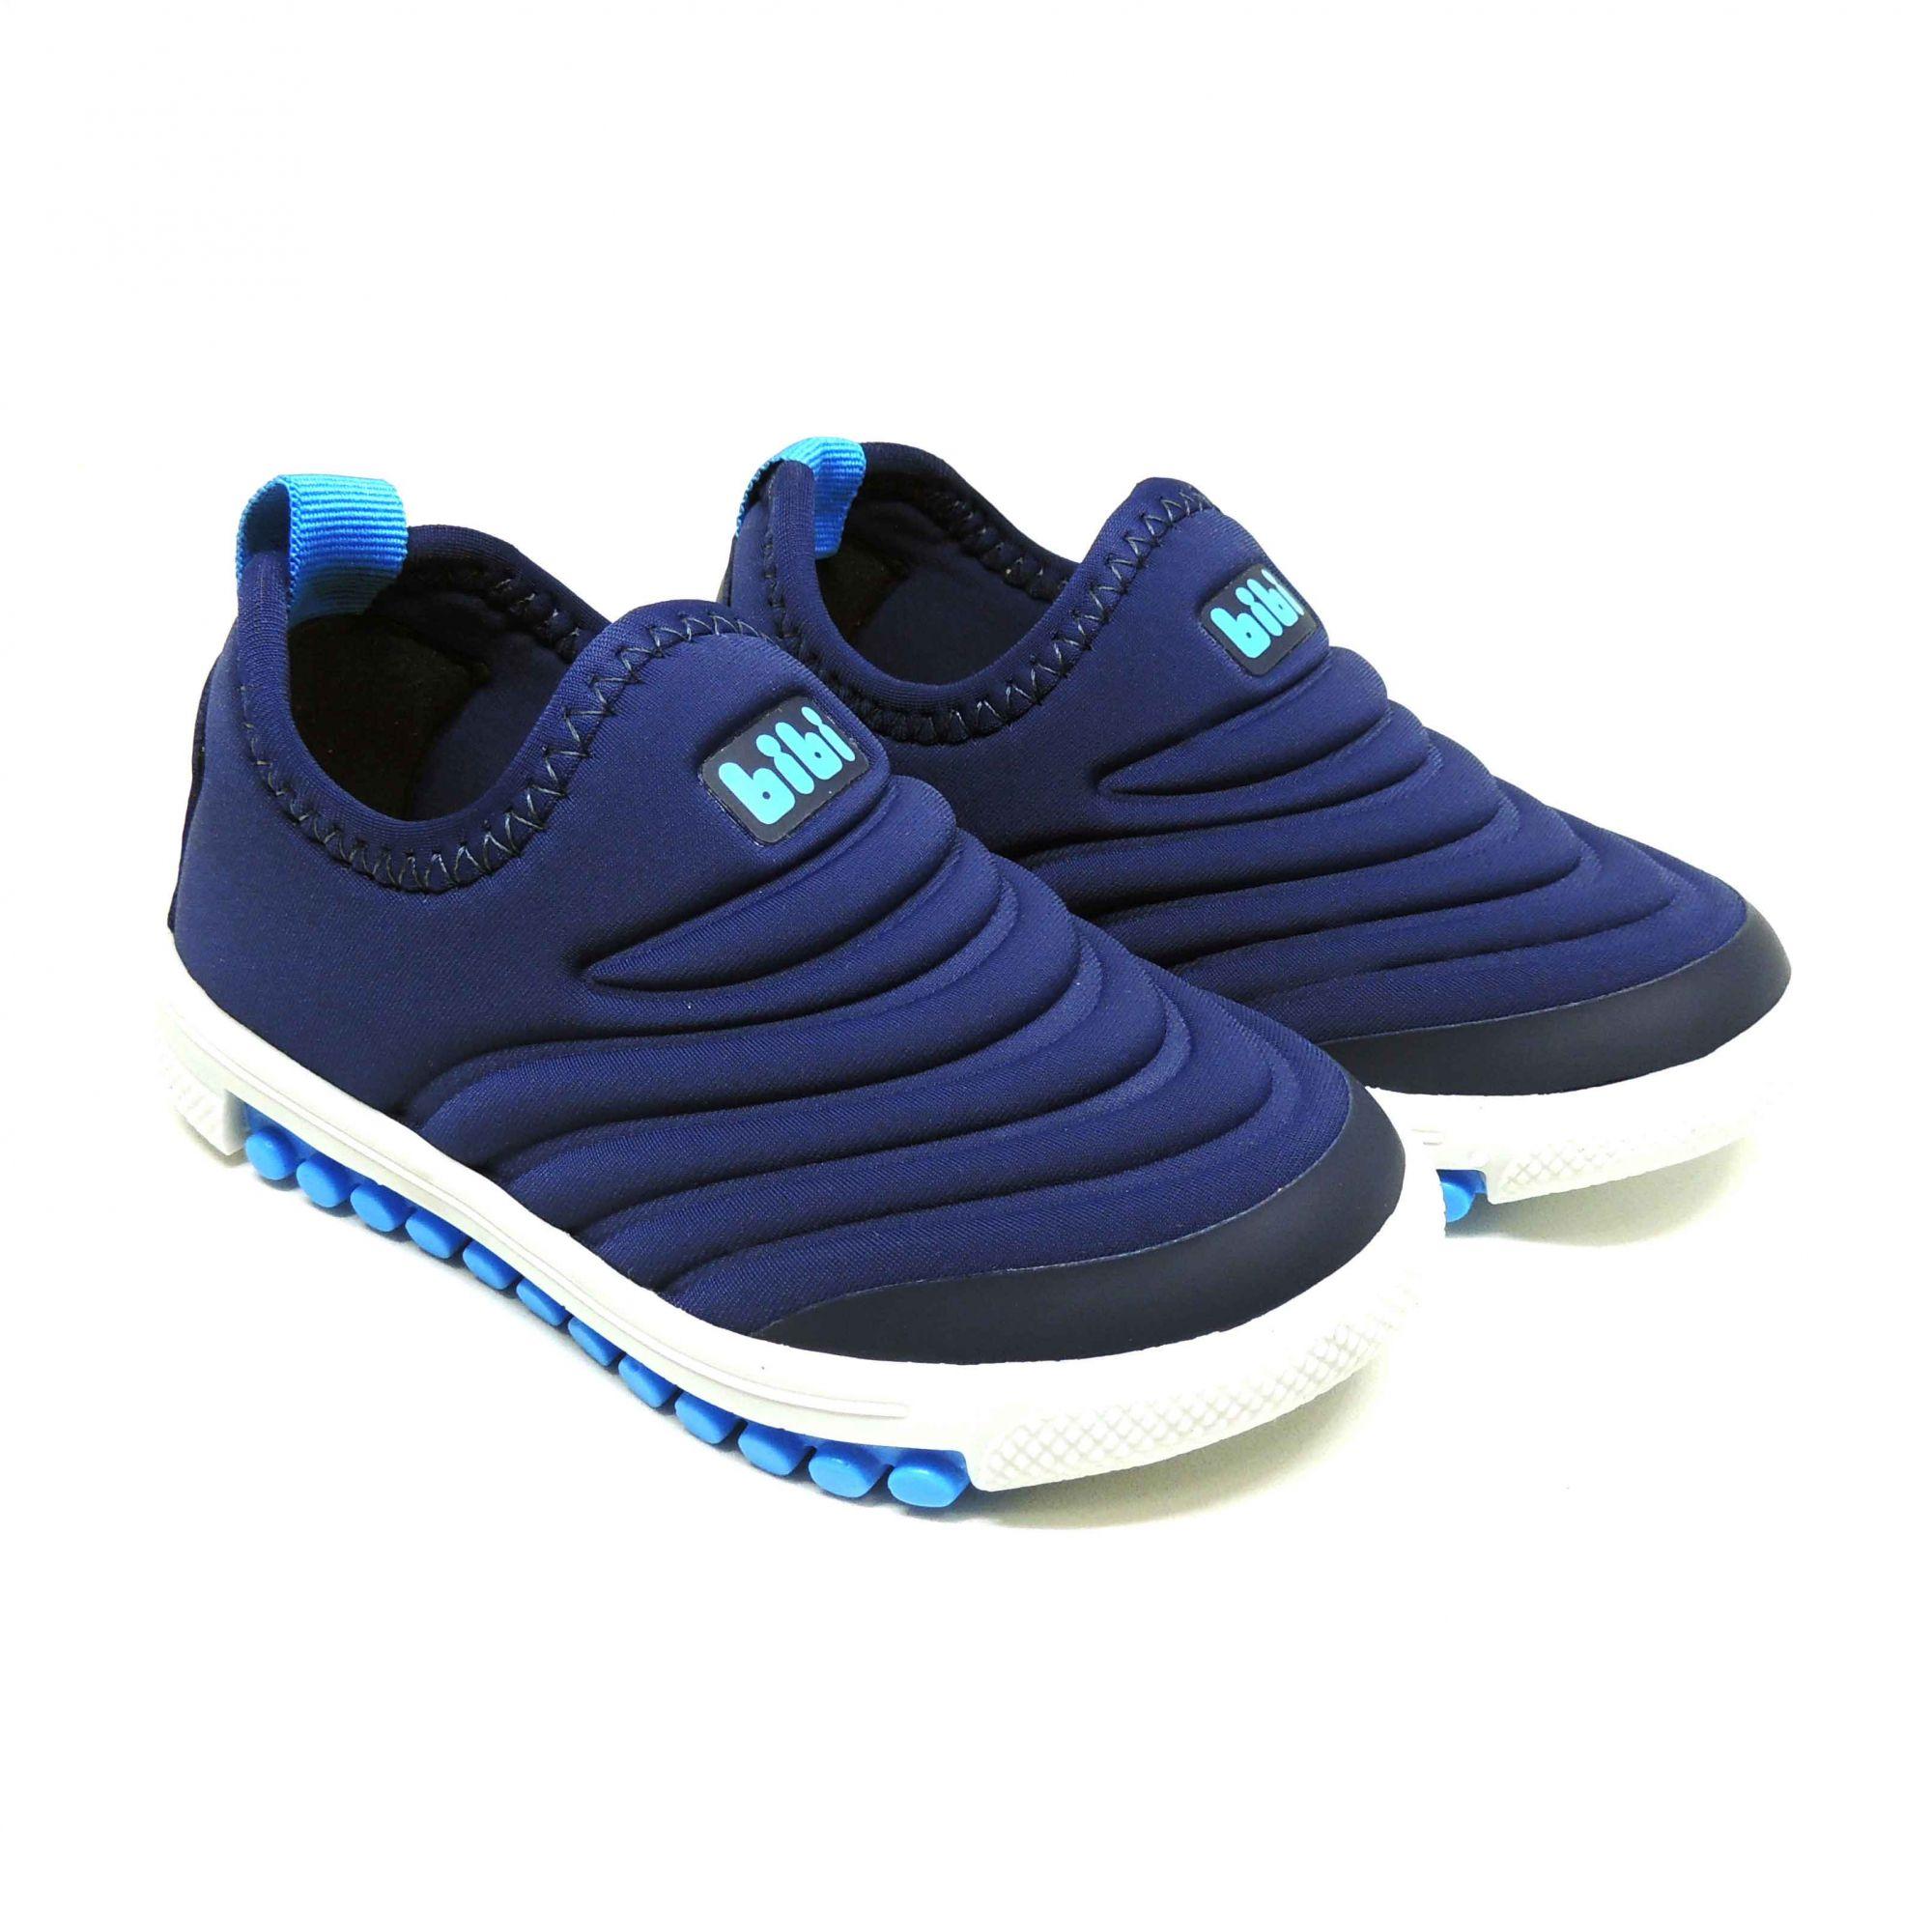 d2758b45d7c Tênis Bibi Roller New Marinho E Azul Claro - Pé Tuquinho Calçados e ...